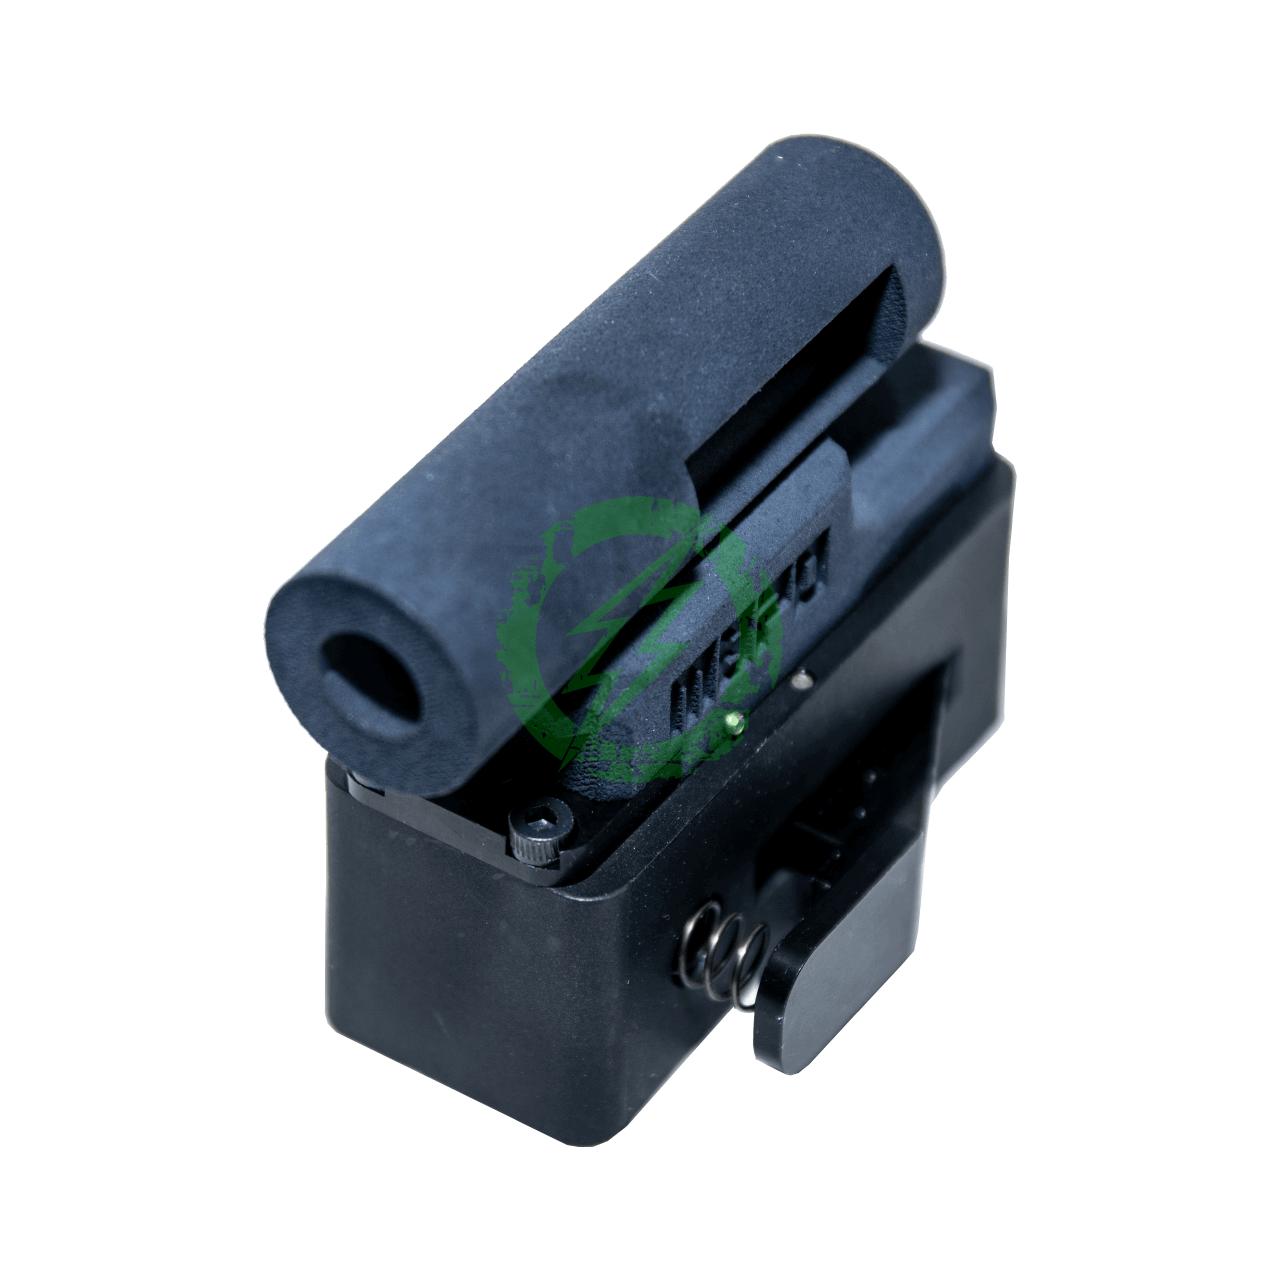 TAPP Airsoft Tapp M4 Adapter for M870 Shotgun | Modular Series